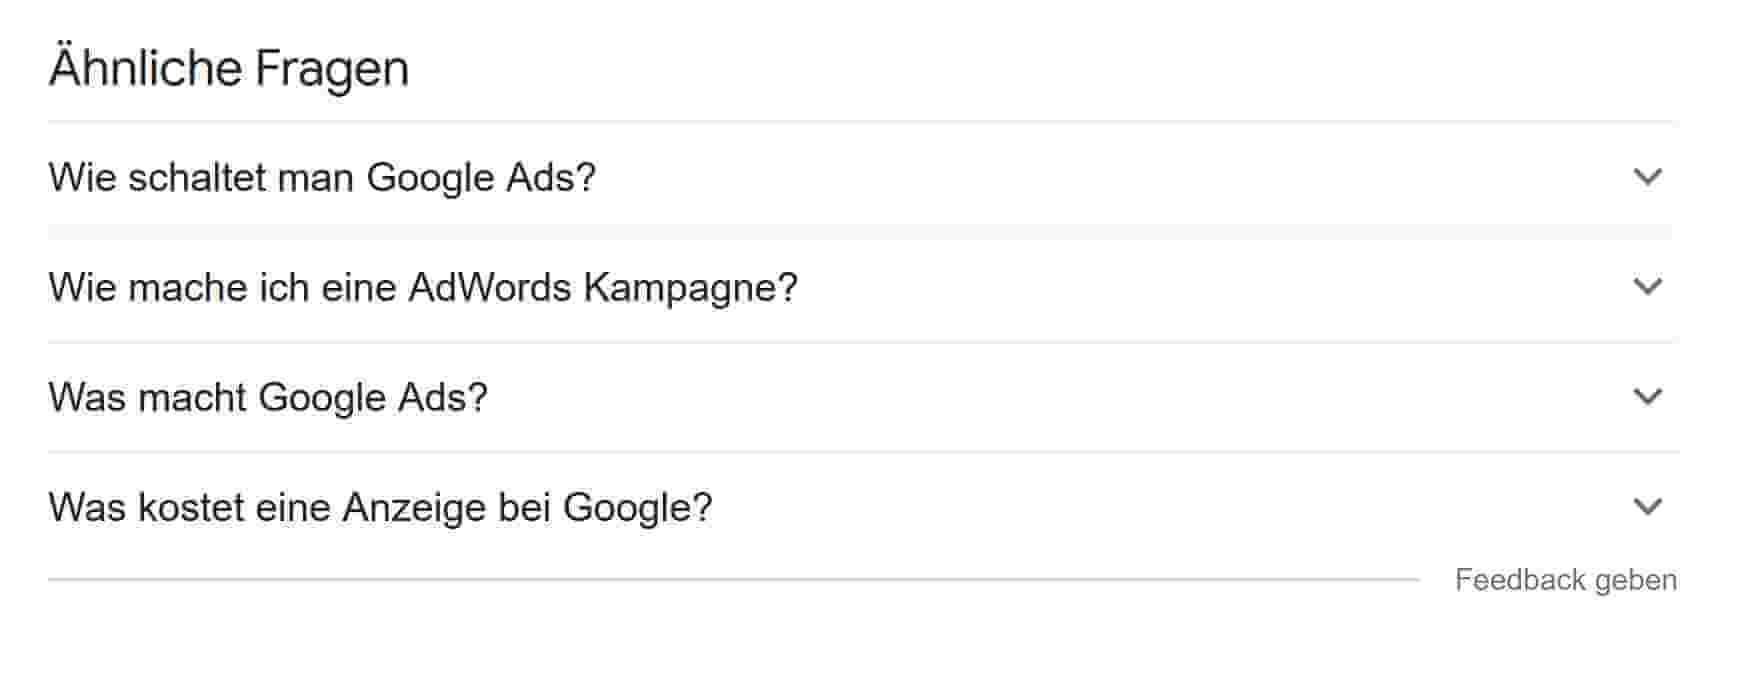 Aehnliche Fragen in Google SERP